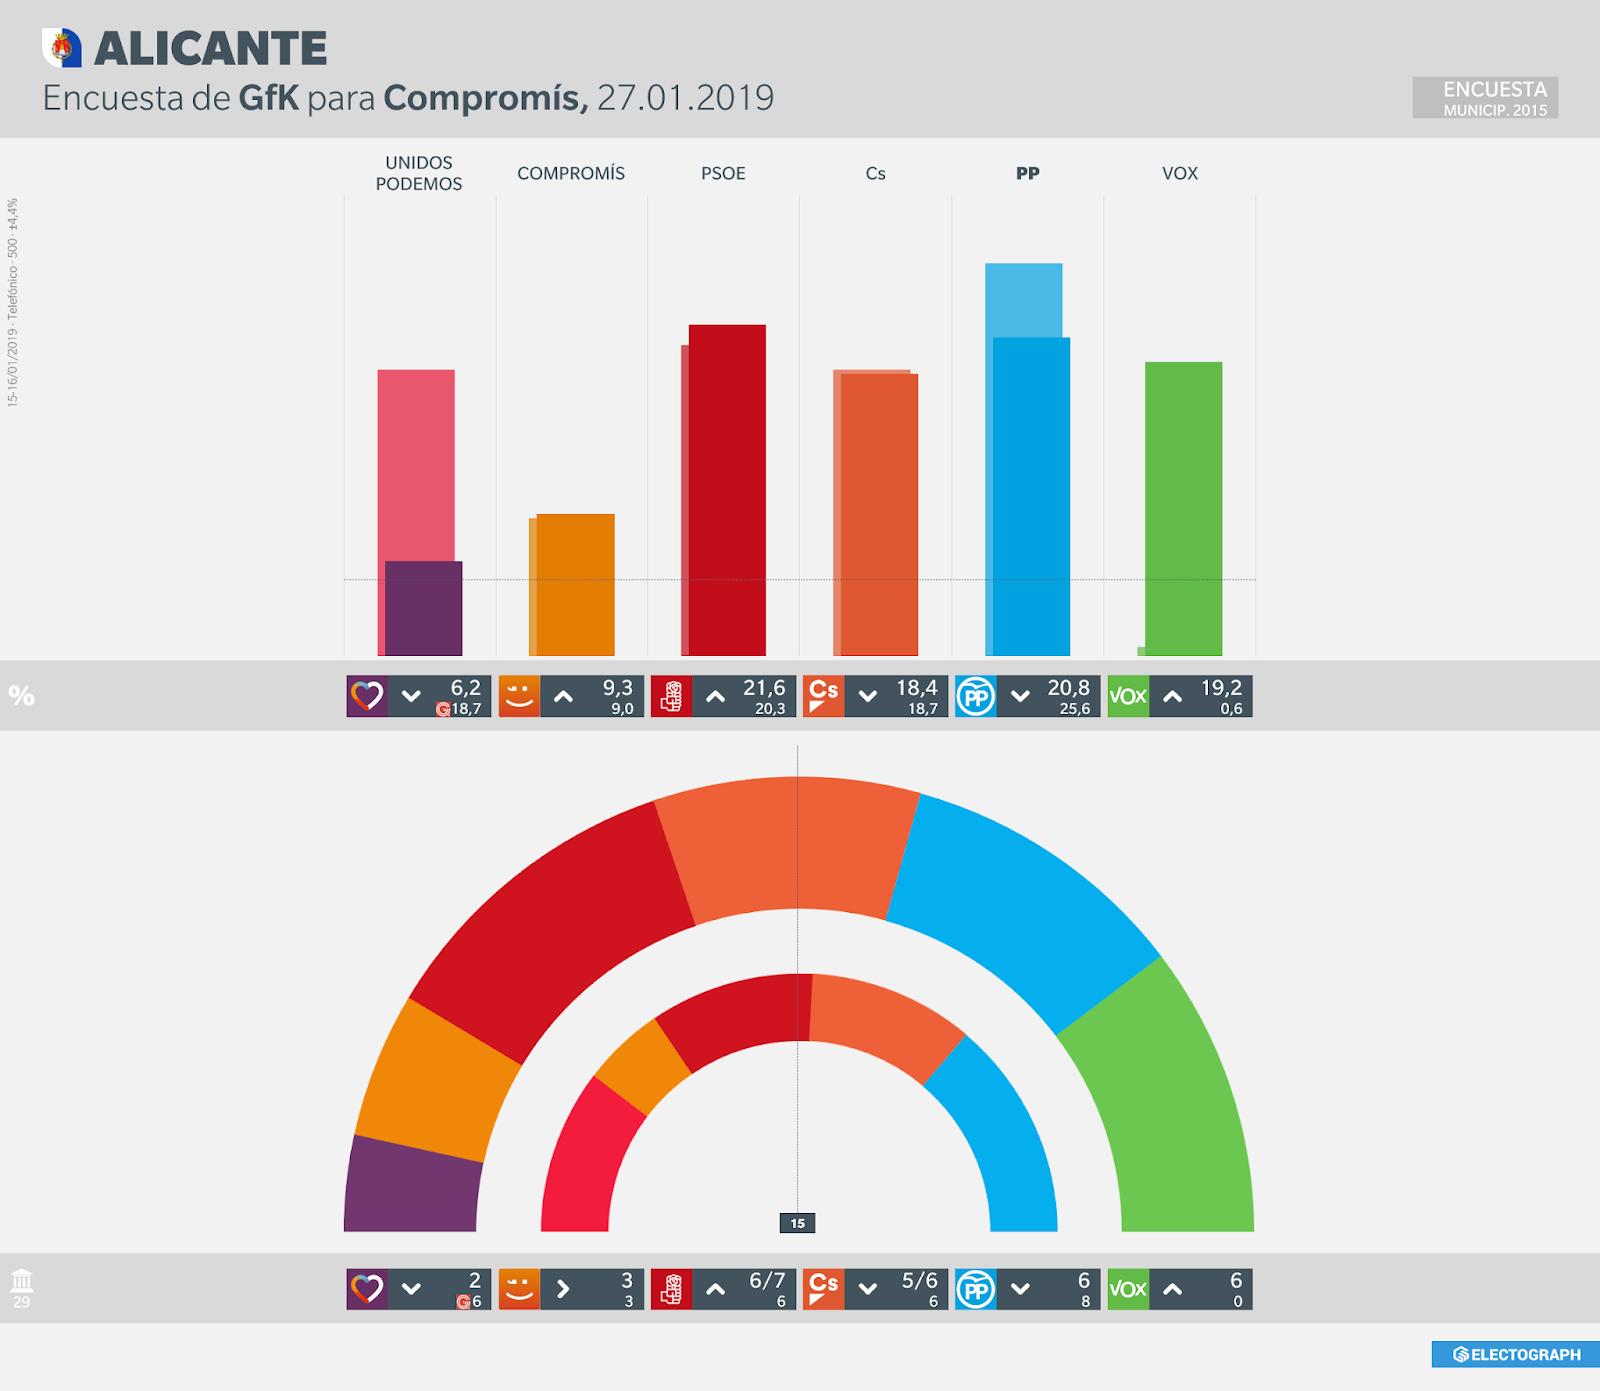 Gráfico de la encuesta para elecciones municipales en Alicante realizada por SyM Consulting para Alicante Plaza, 27 de enero de 2019